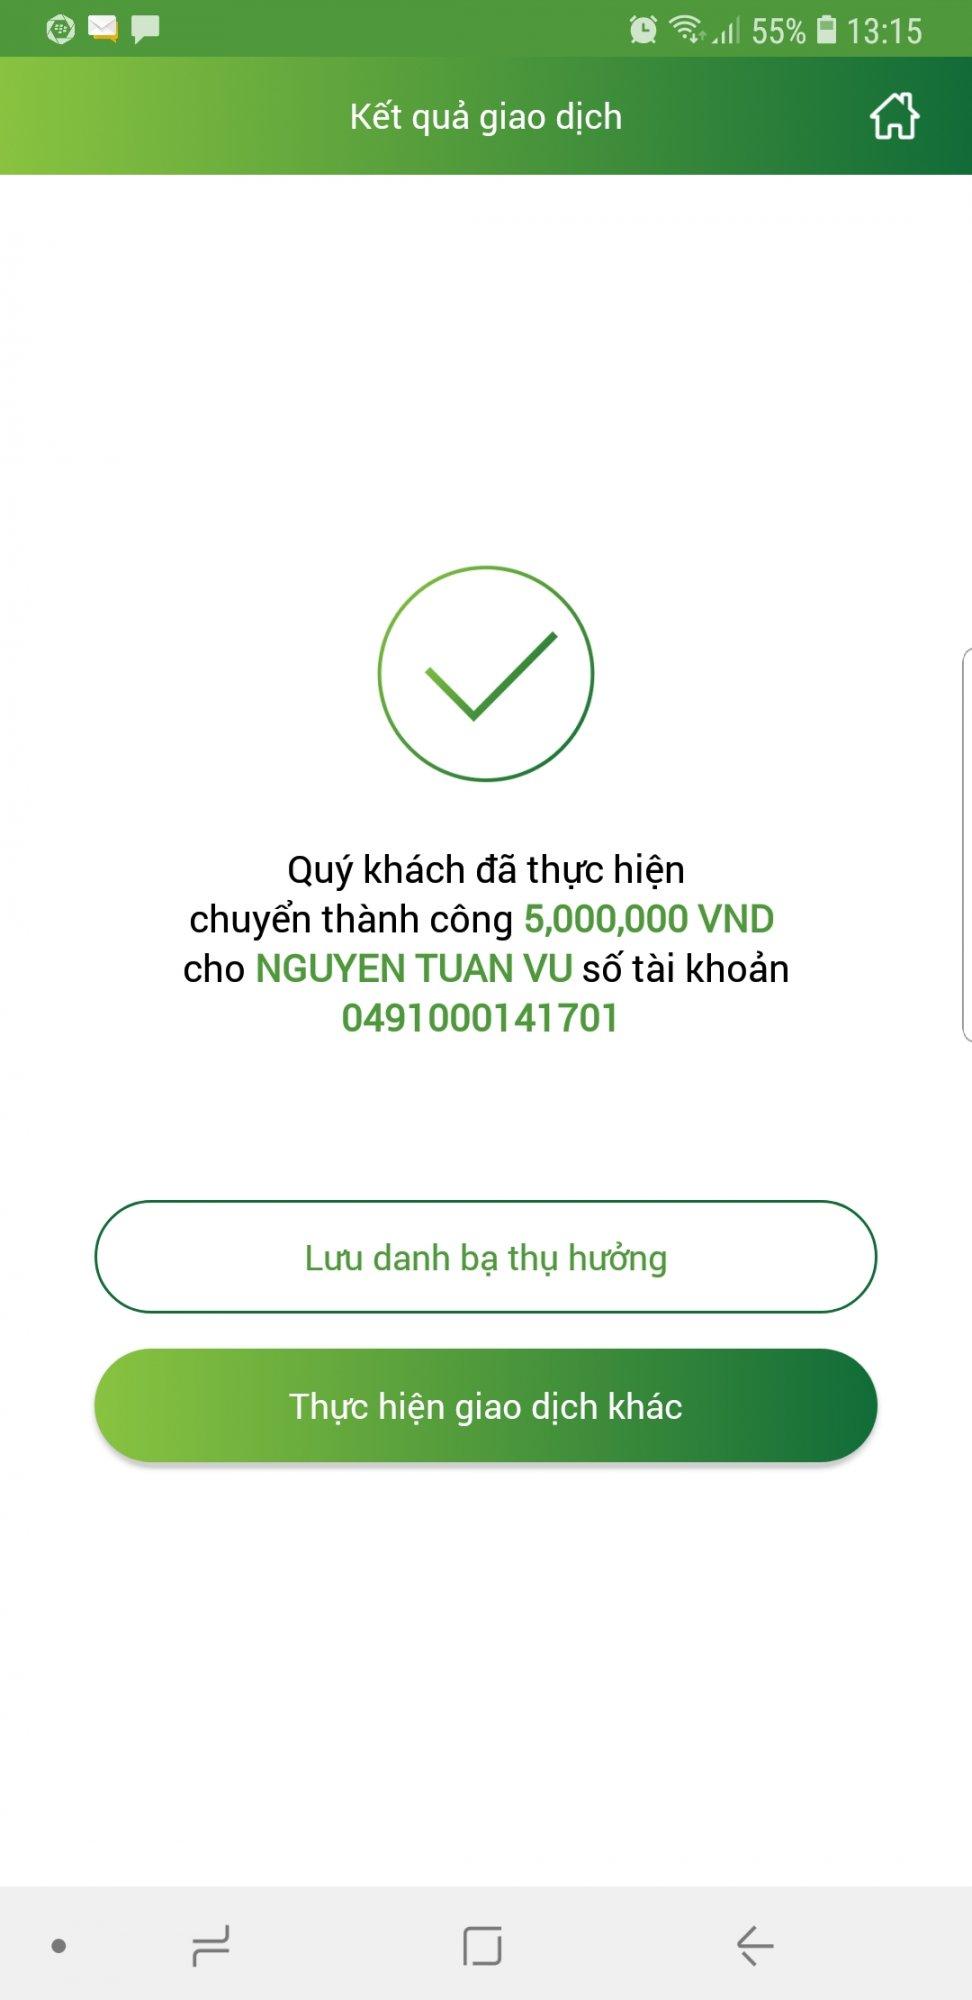 Screenshot_20190123-131520_Vietcombank.